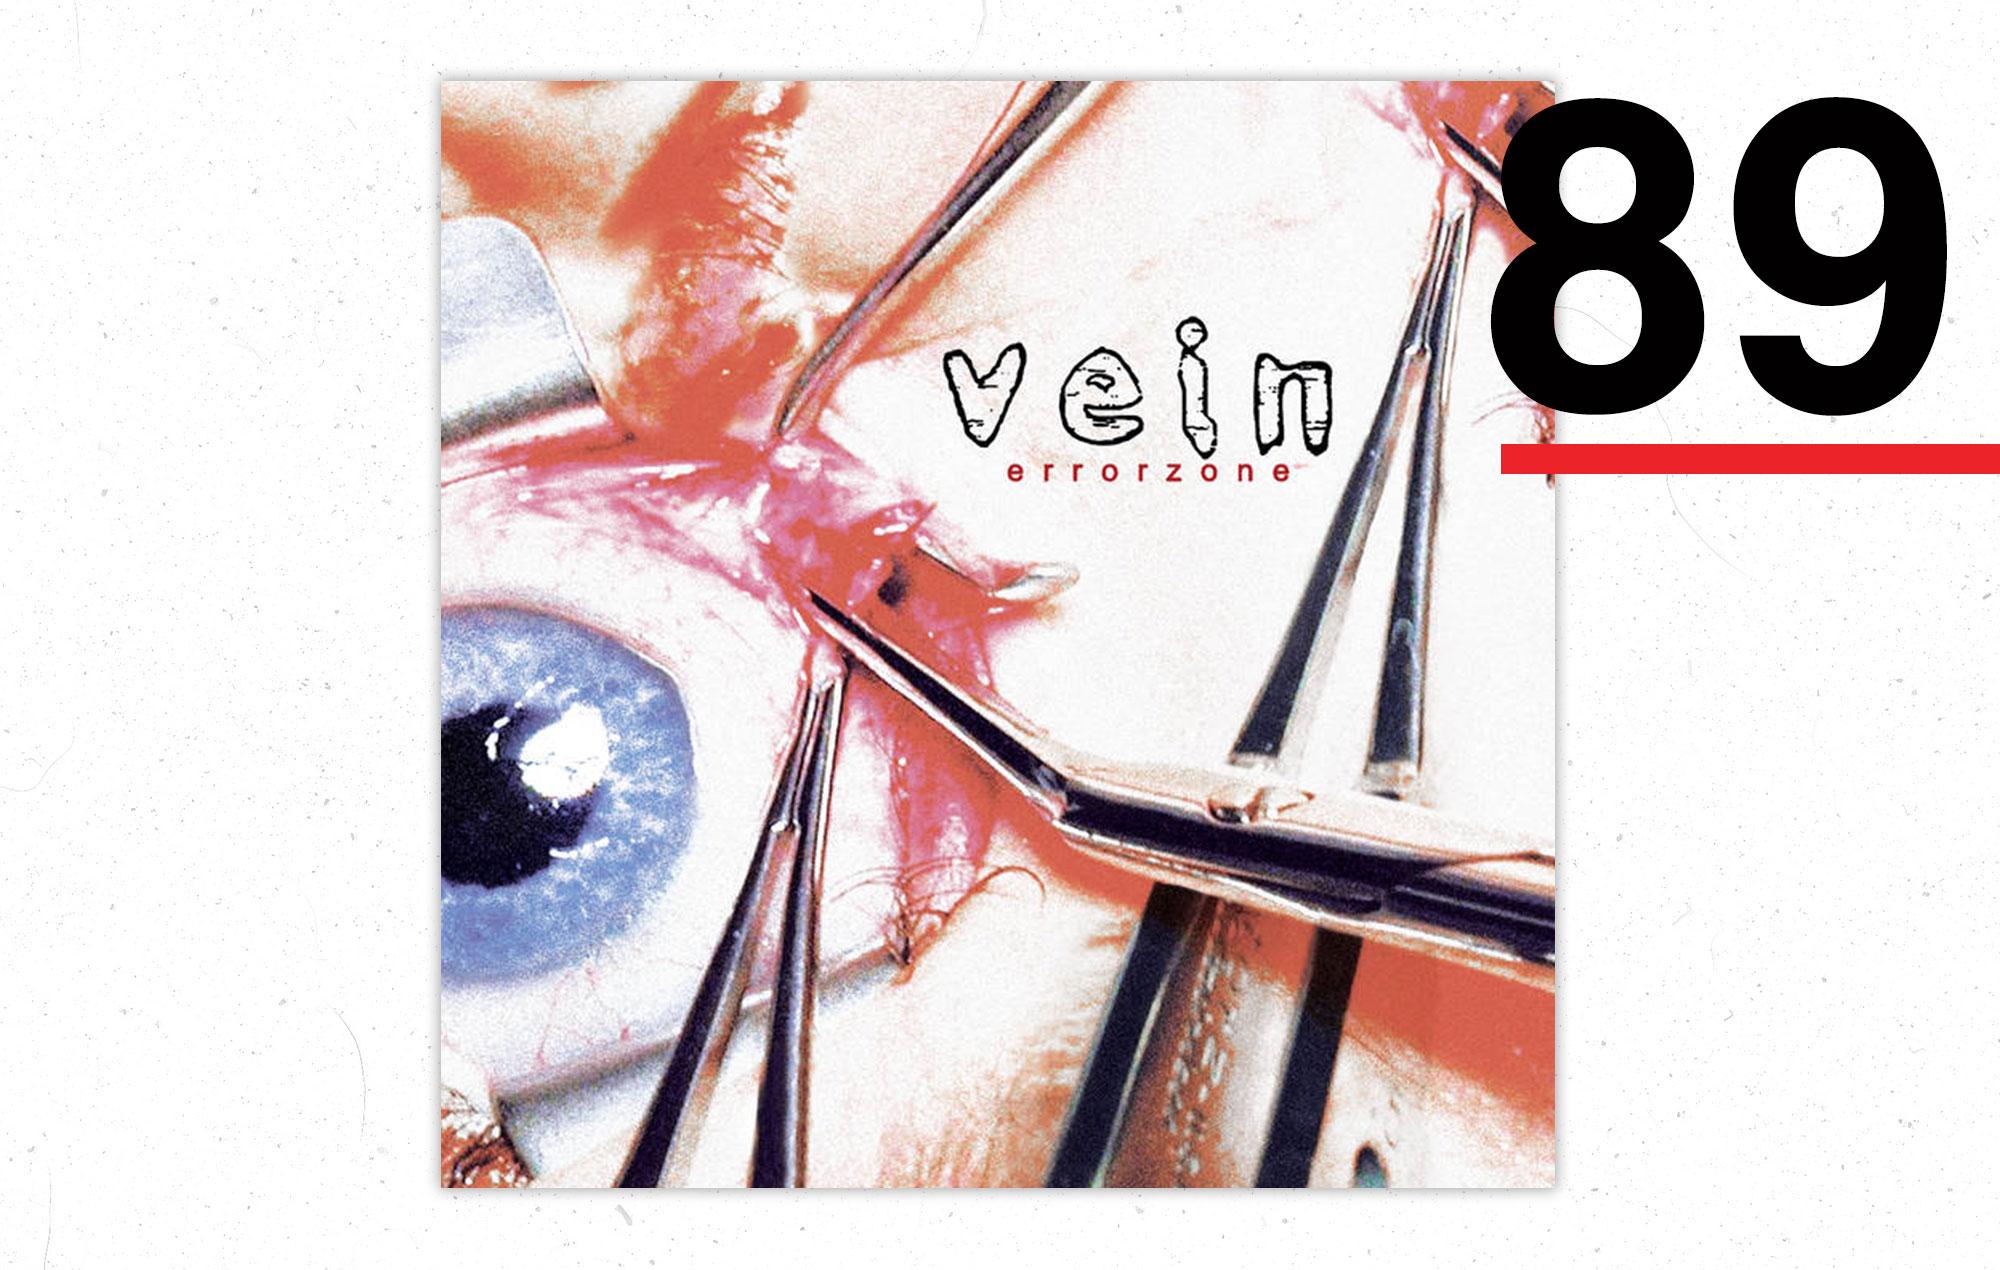 Vein | albums of 2018